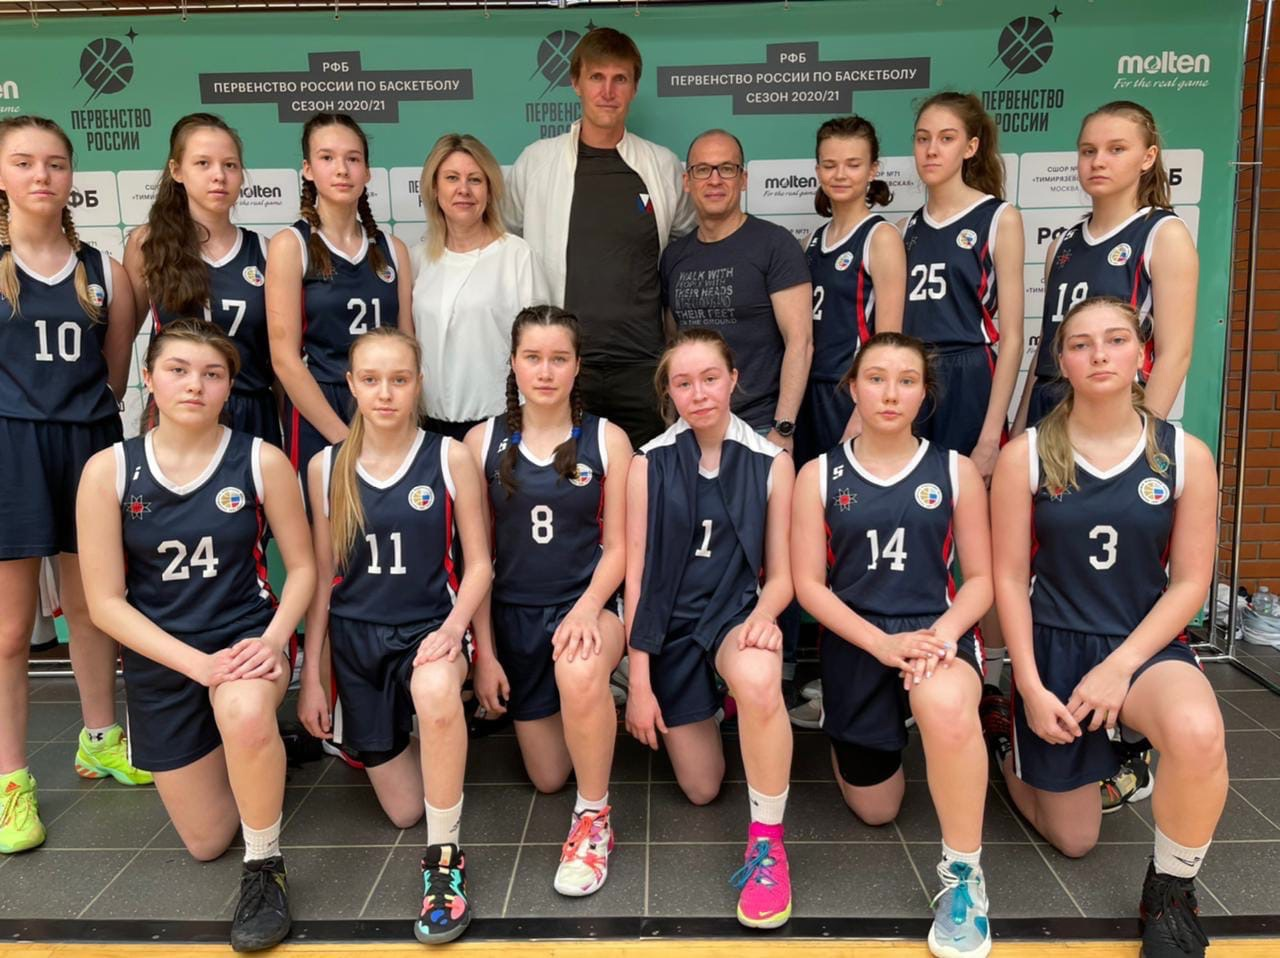 Баскетбольная команда девушек «Виктория» выиграла у сверстниц